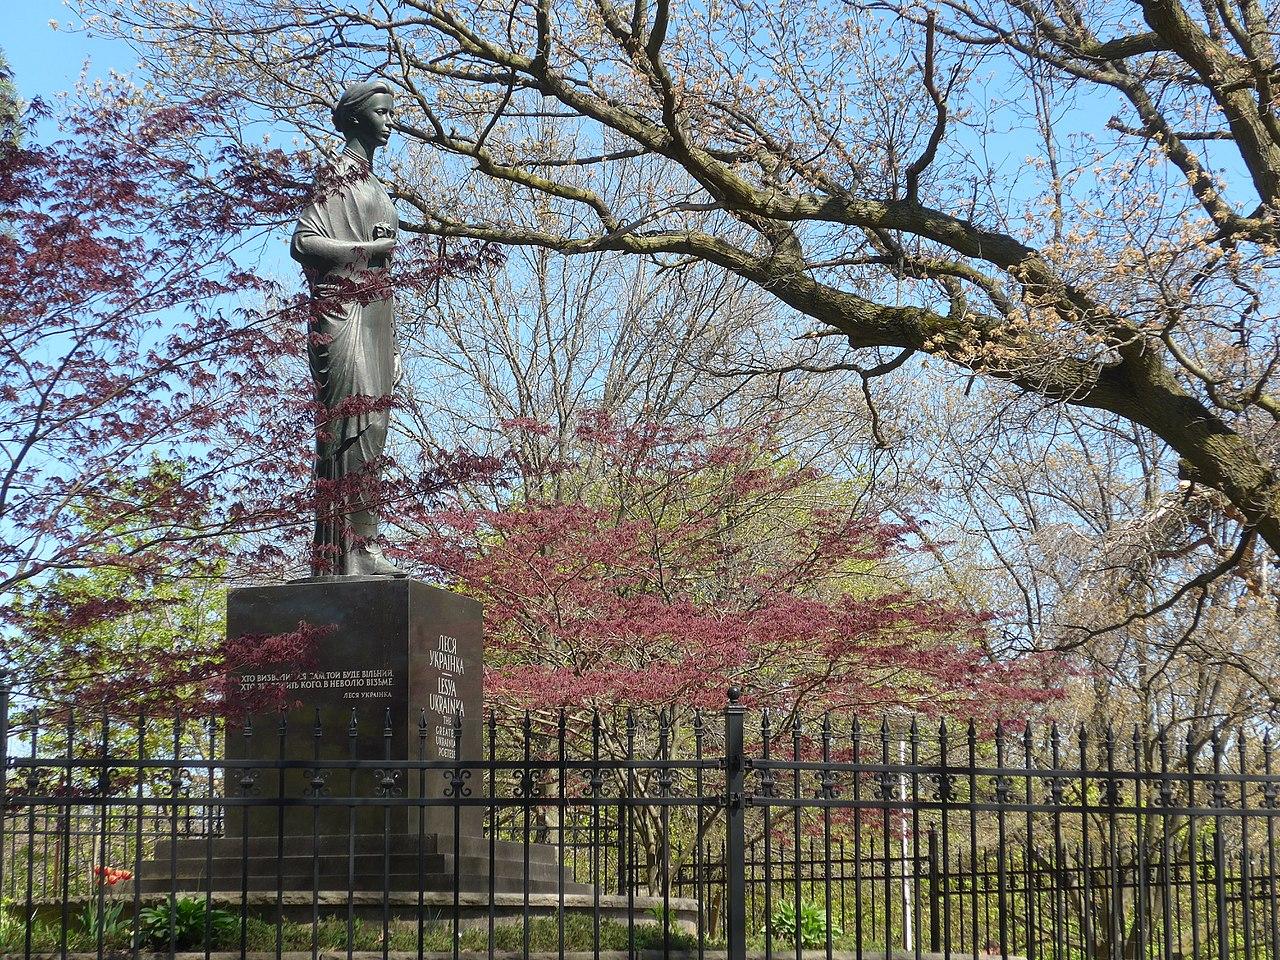 Памятник в High Park, в Торонто скульптора Михаила Черешневского с цитатой «Хто визволиться сам, той буде вільний, хто визволить кого, в неволю візьме». Построен в 1975 году.